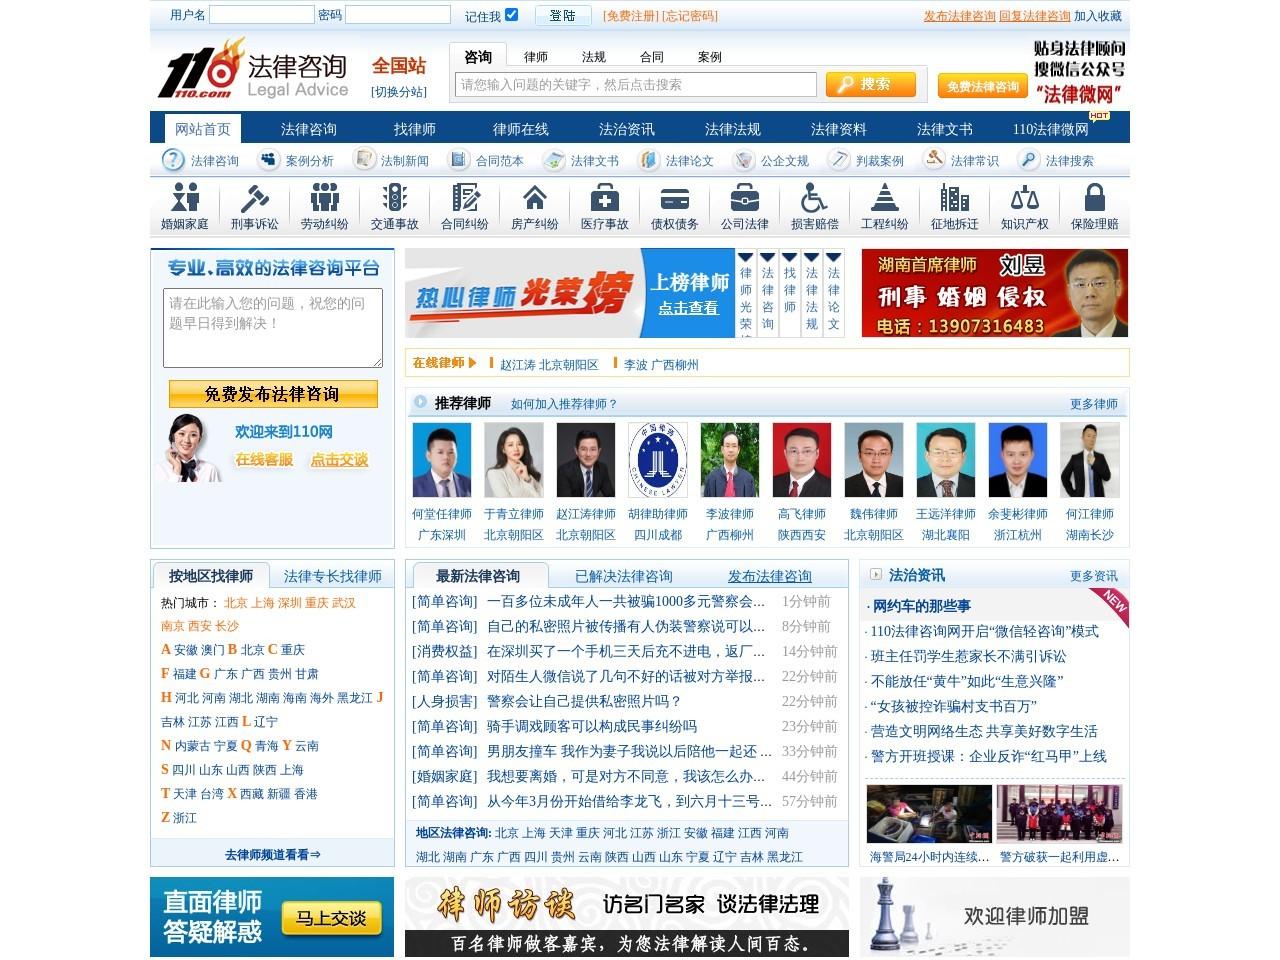 110法律咨询网